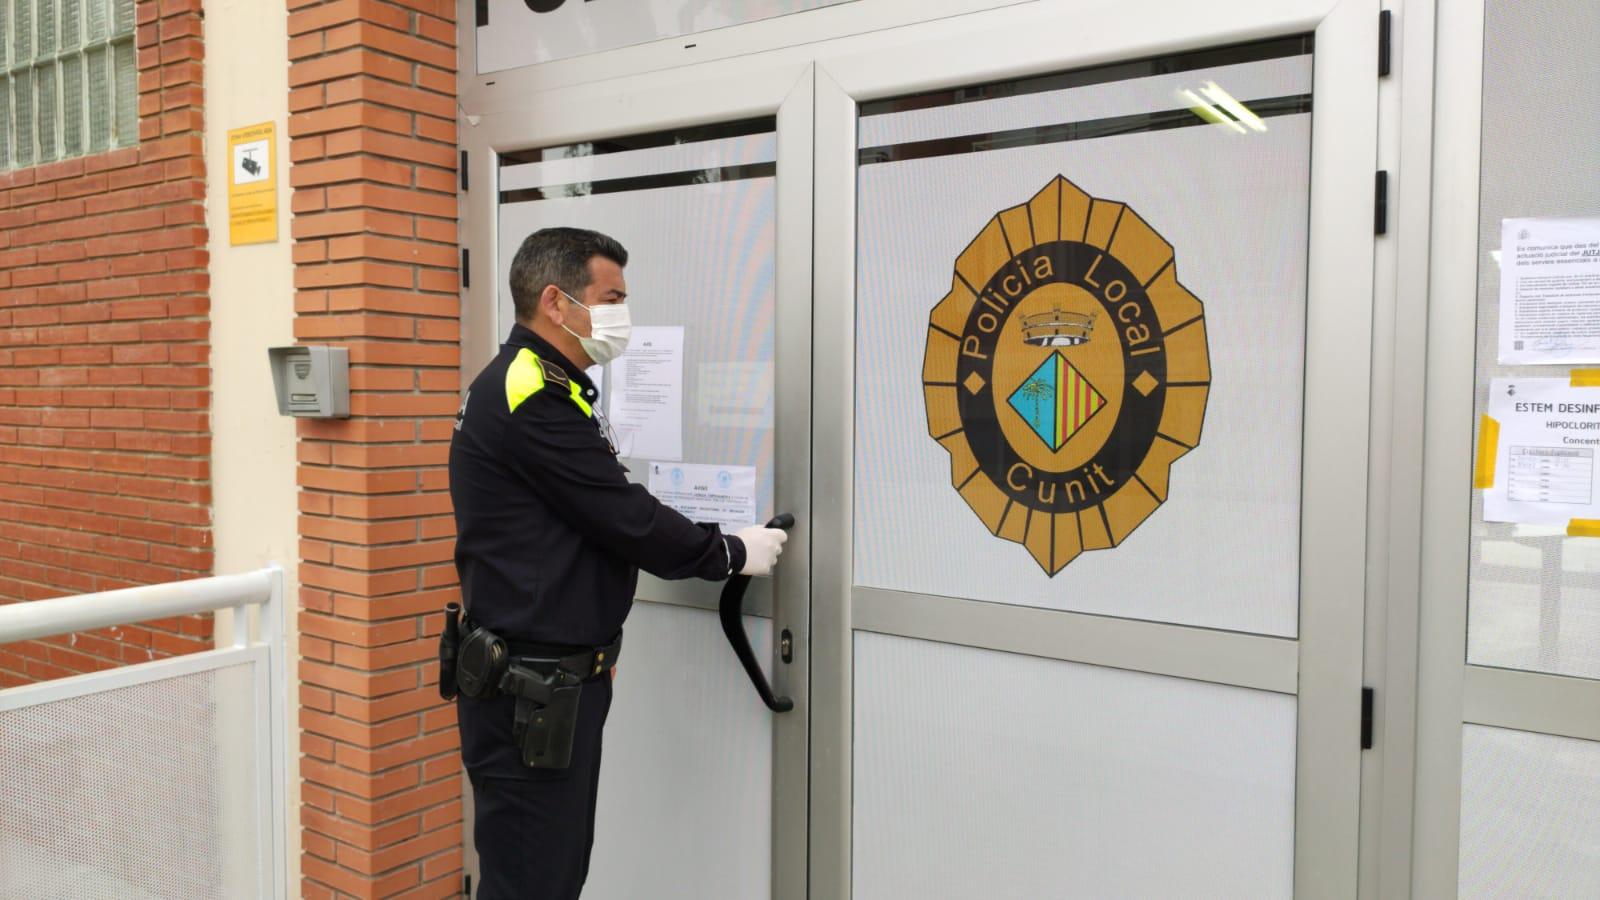 Més de 100 identificacions i 13 sancions en els primers 10 dies de confinament